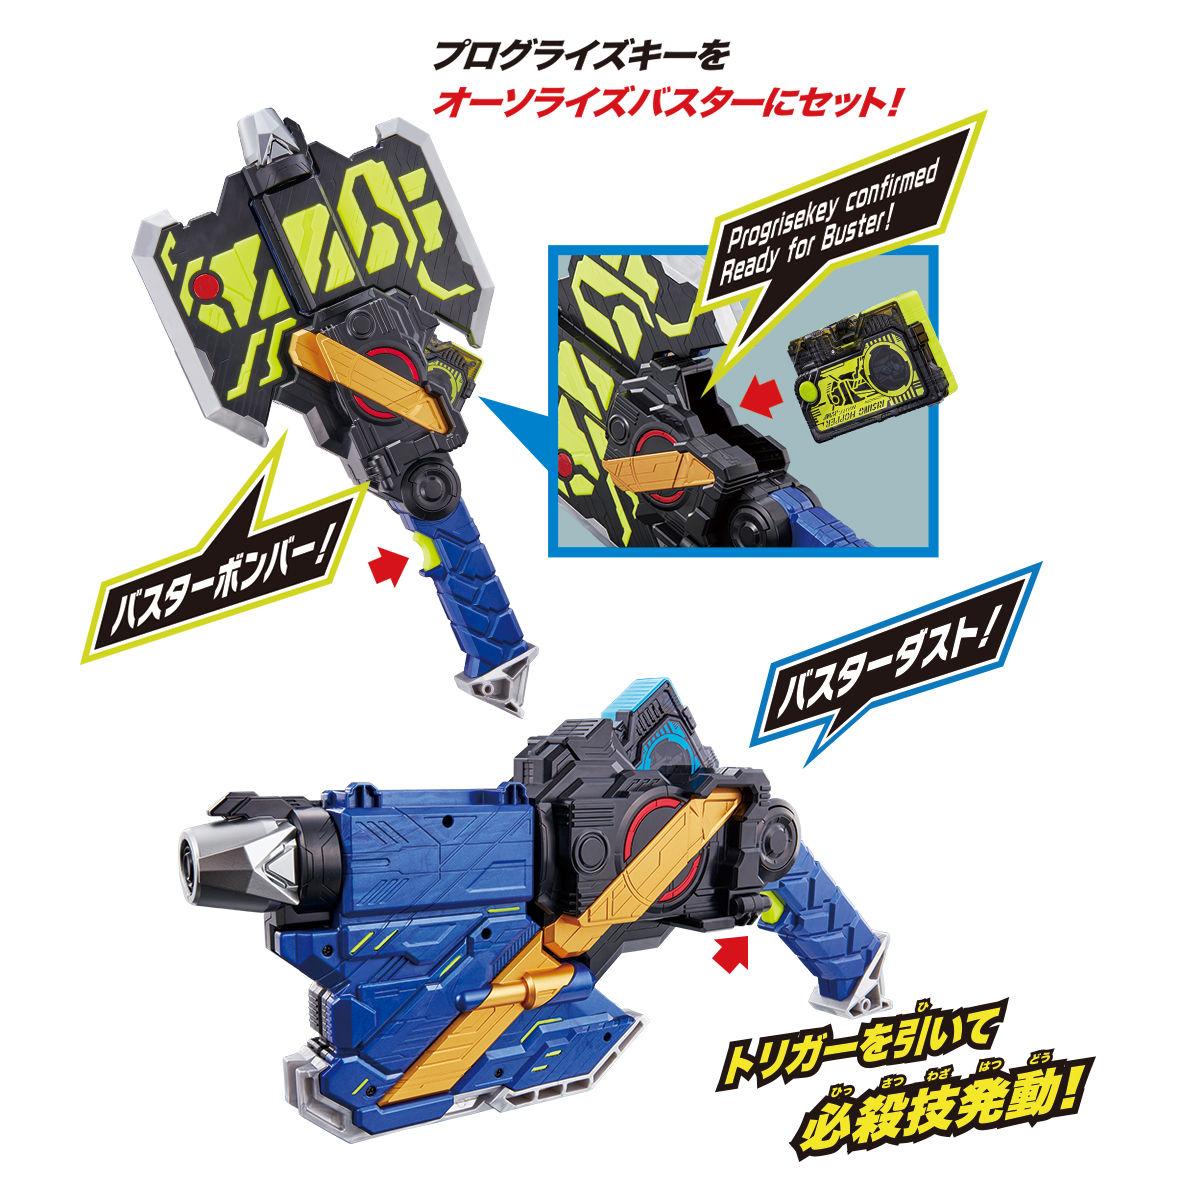 仮面ライダーゼロワン『DXオーソライズバスター』変身なりきり-004